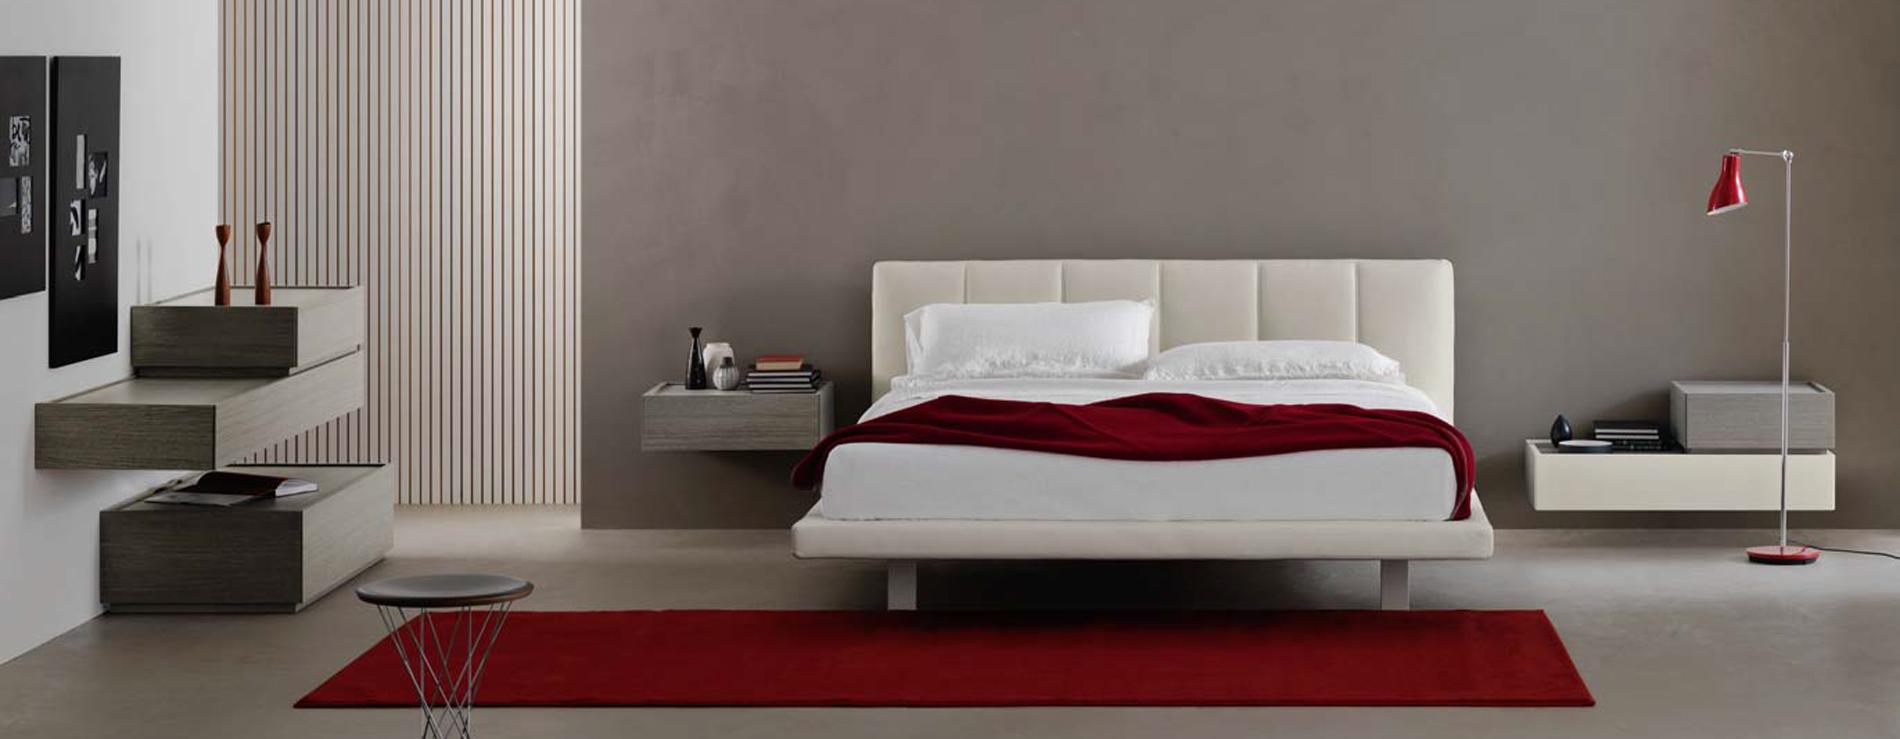 San giorgio camere da letto idee per il design della casa - Ricci casa camere da letto ...